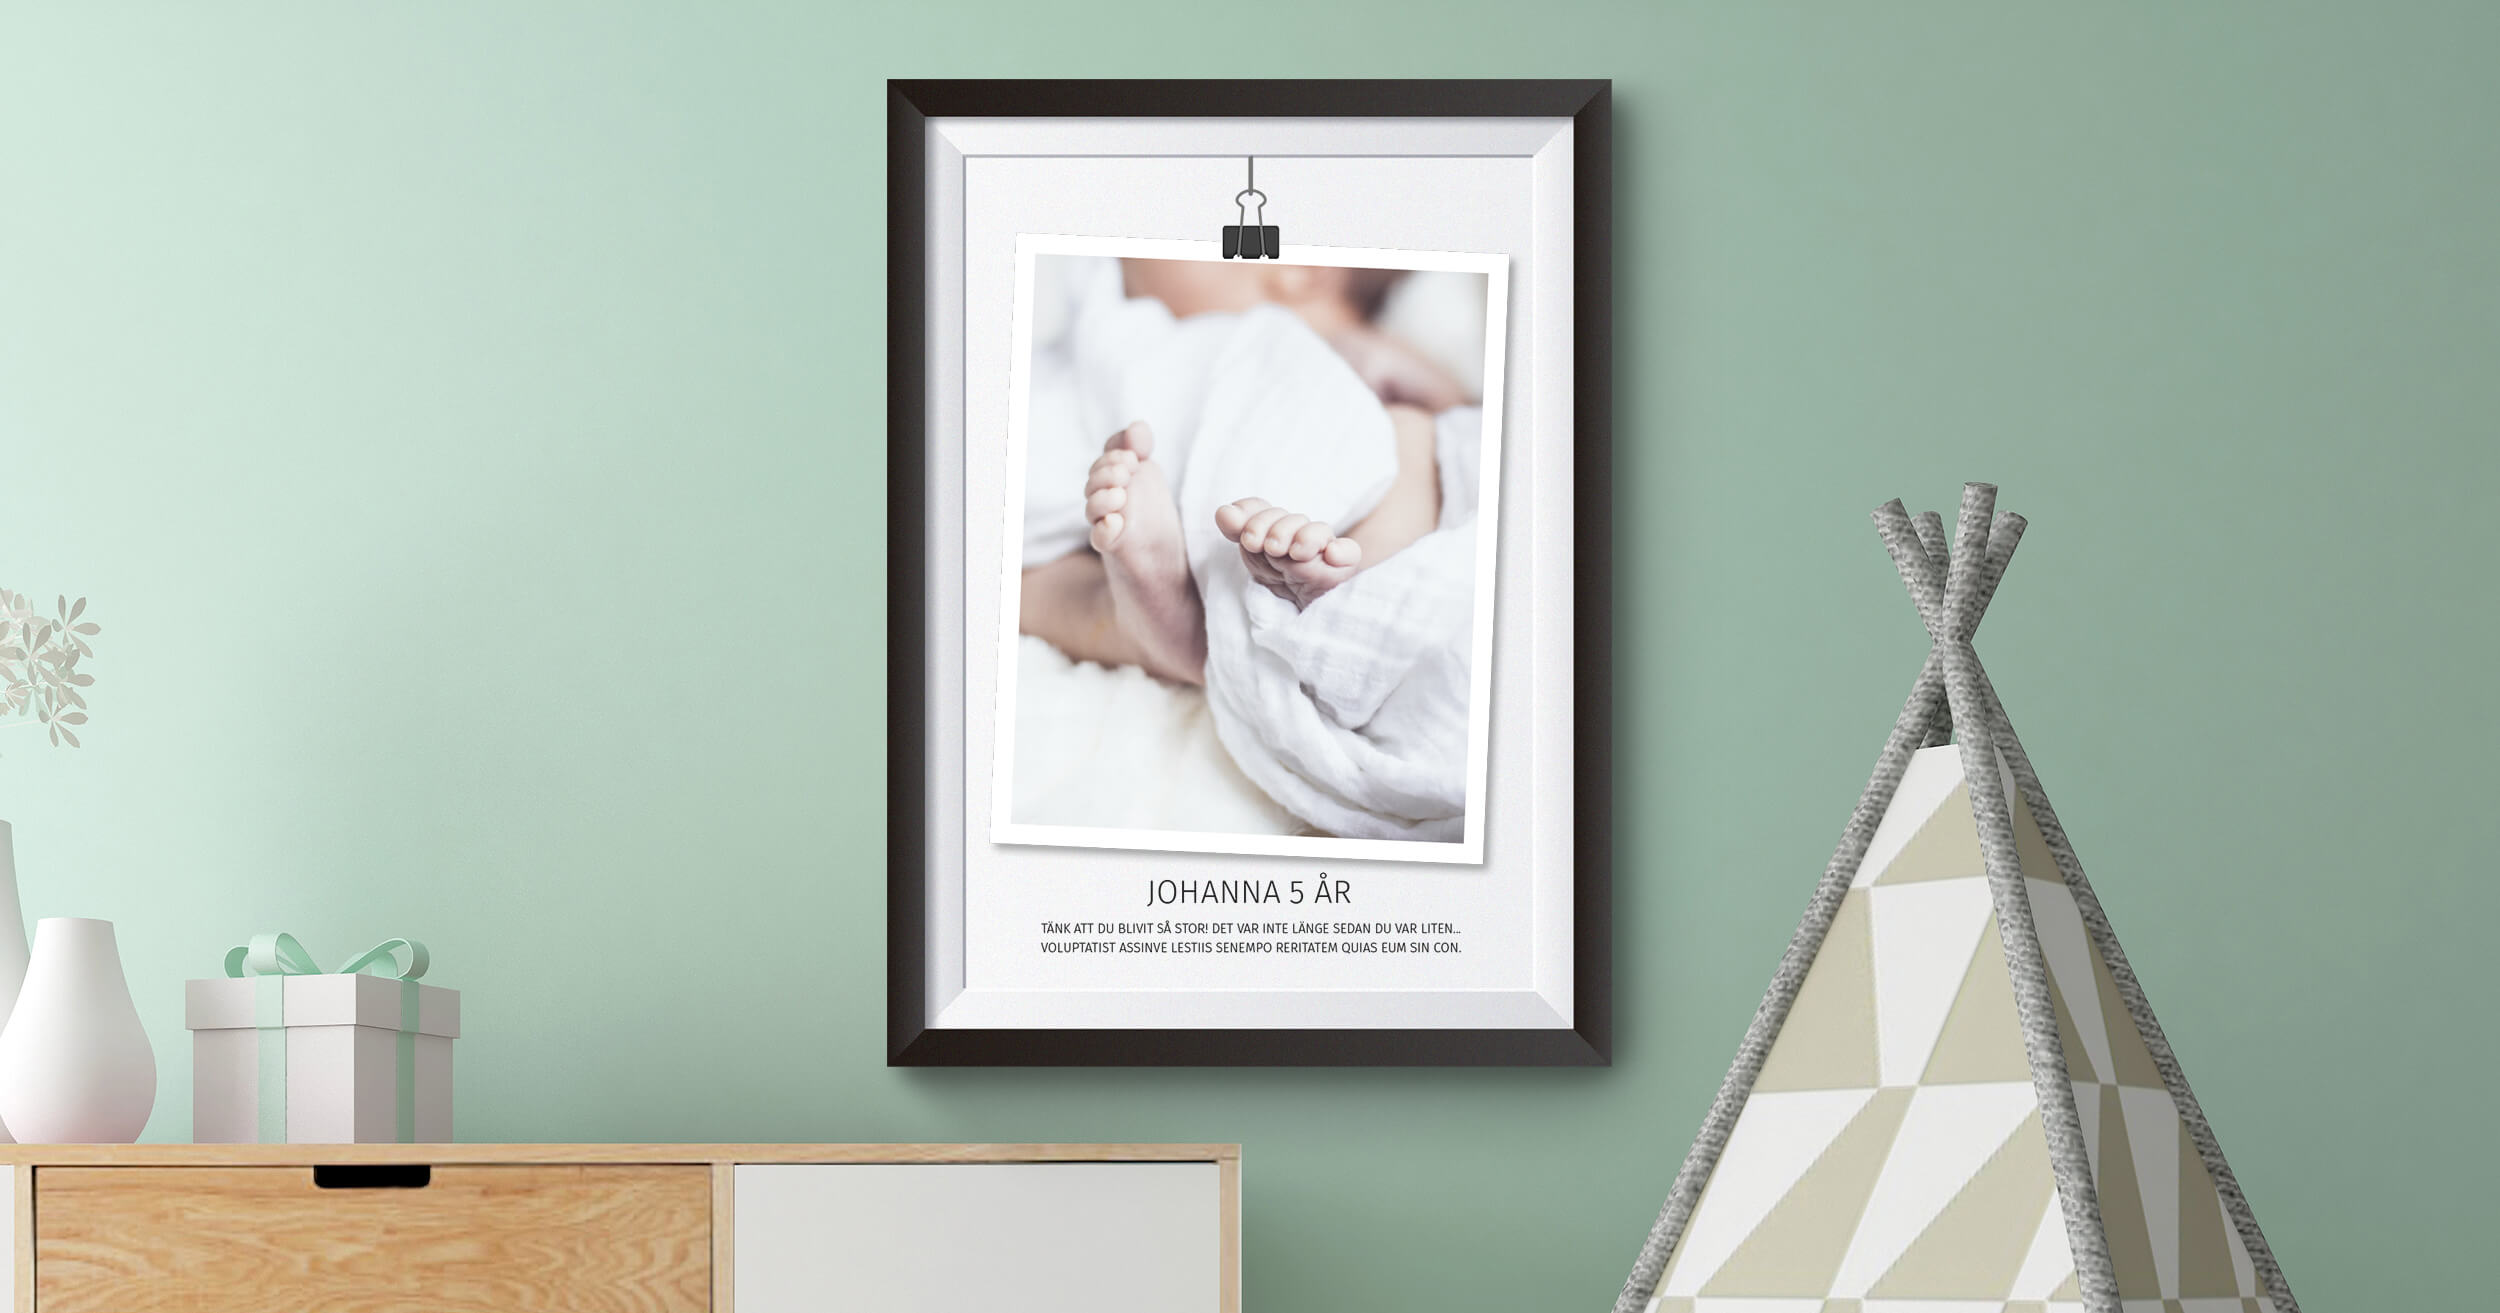 Gör en egen tavla med egen bild och text.